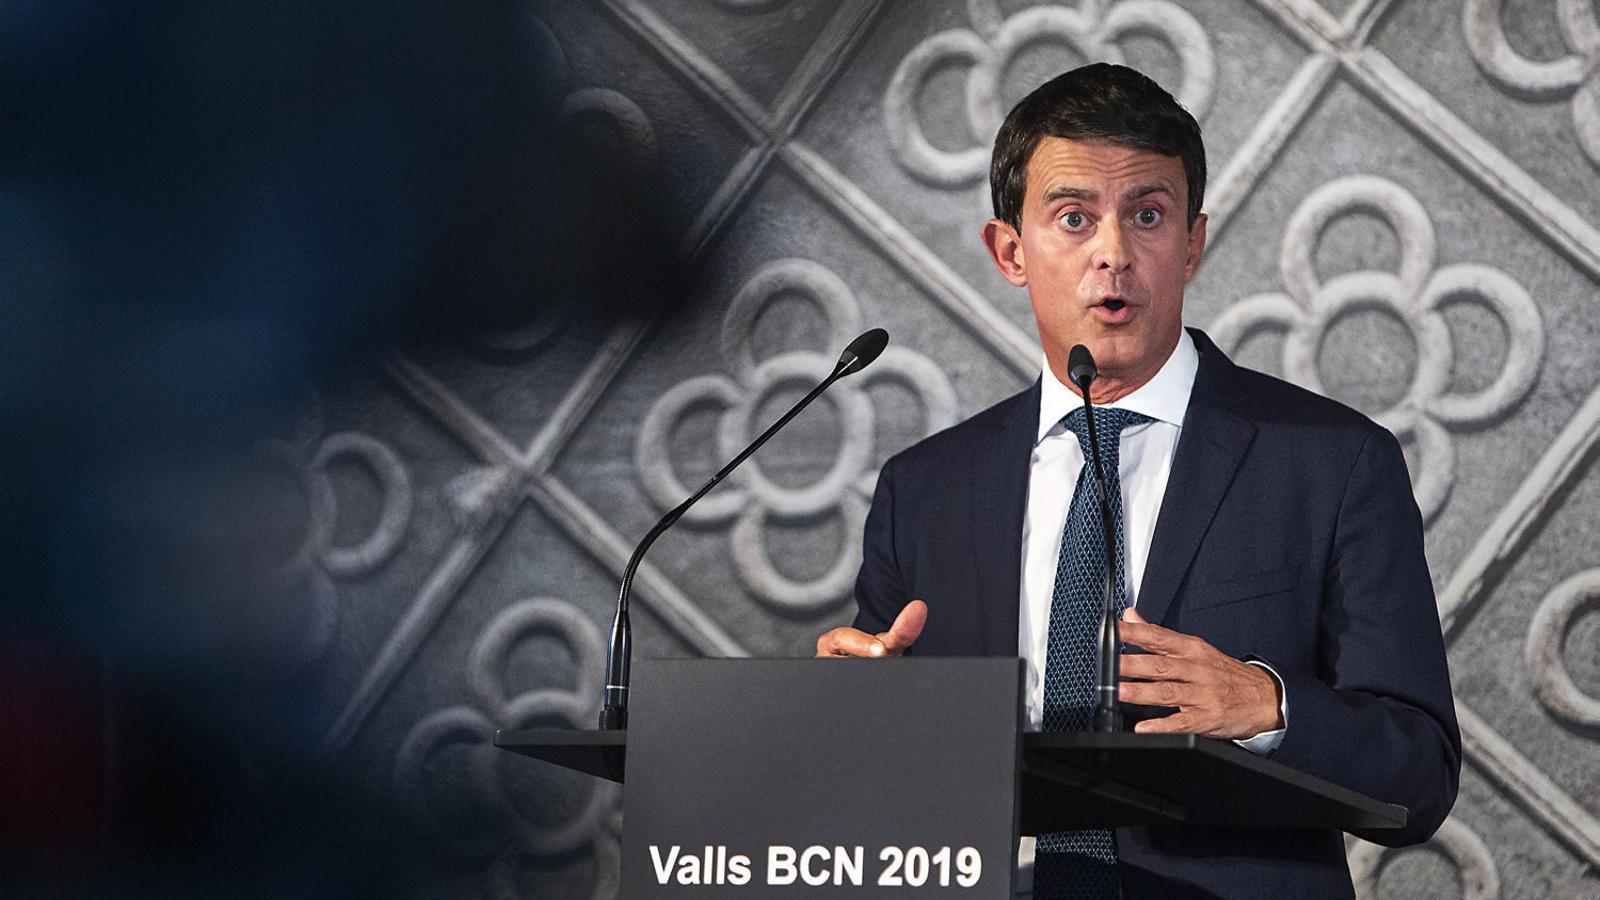 Manuel Valls va comparèixer ahir en solitari al CCCB, amb el panot barceloní com a imatge de fons, per proclamar la seva candidatura.